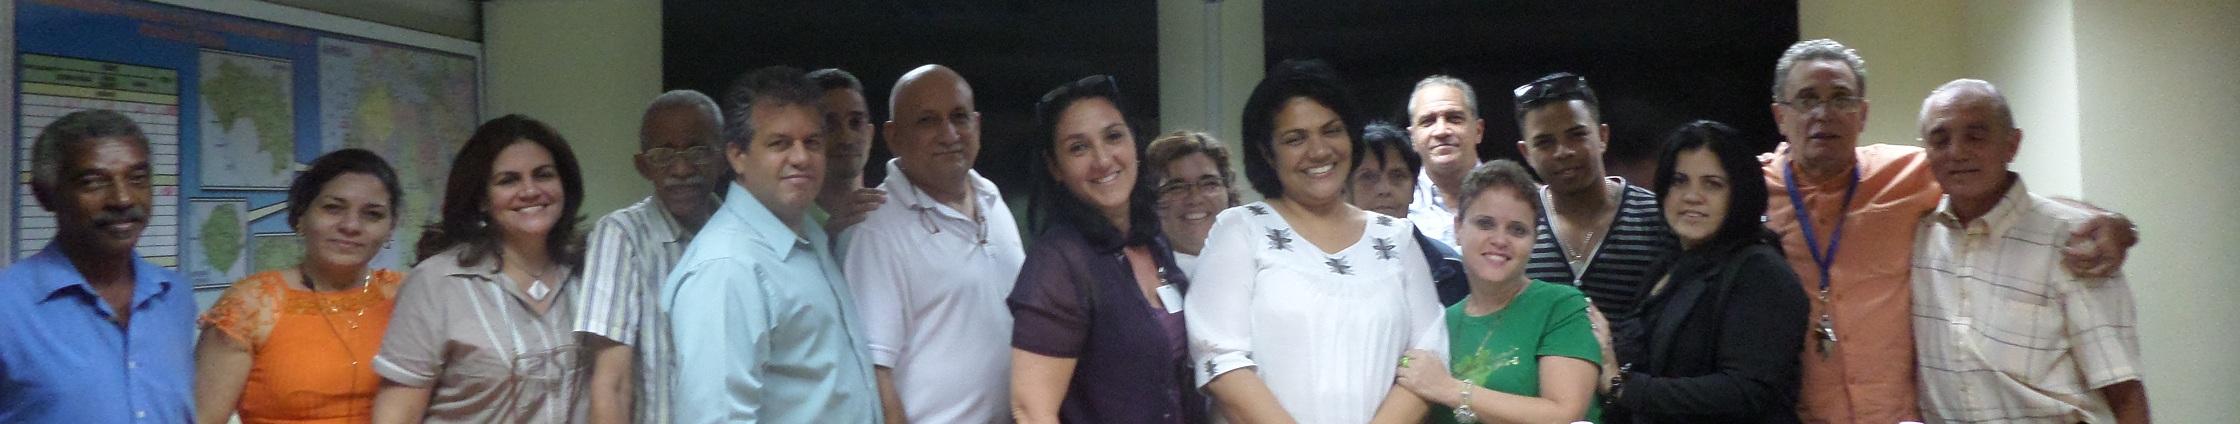 Grupo de trabajo del Centro de Dirección Ministerial